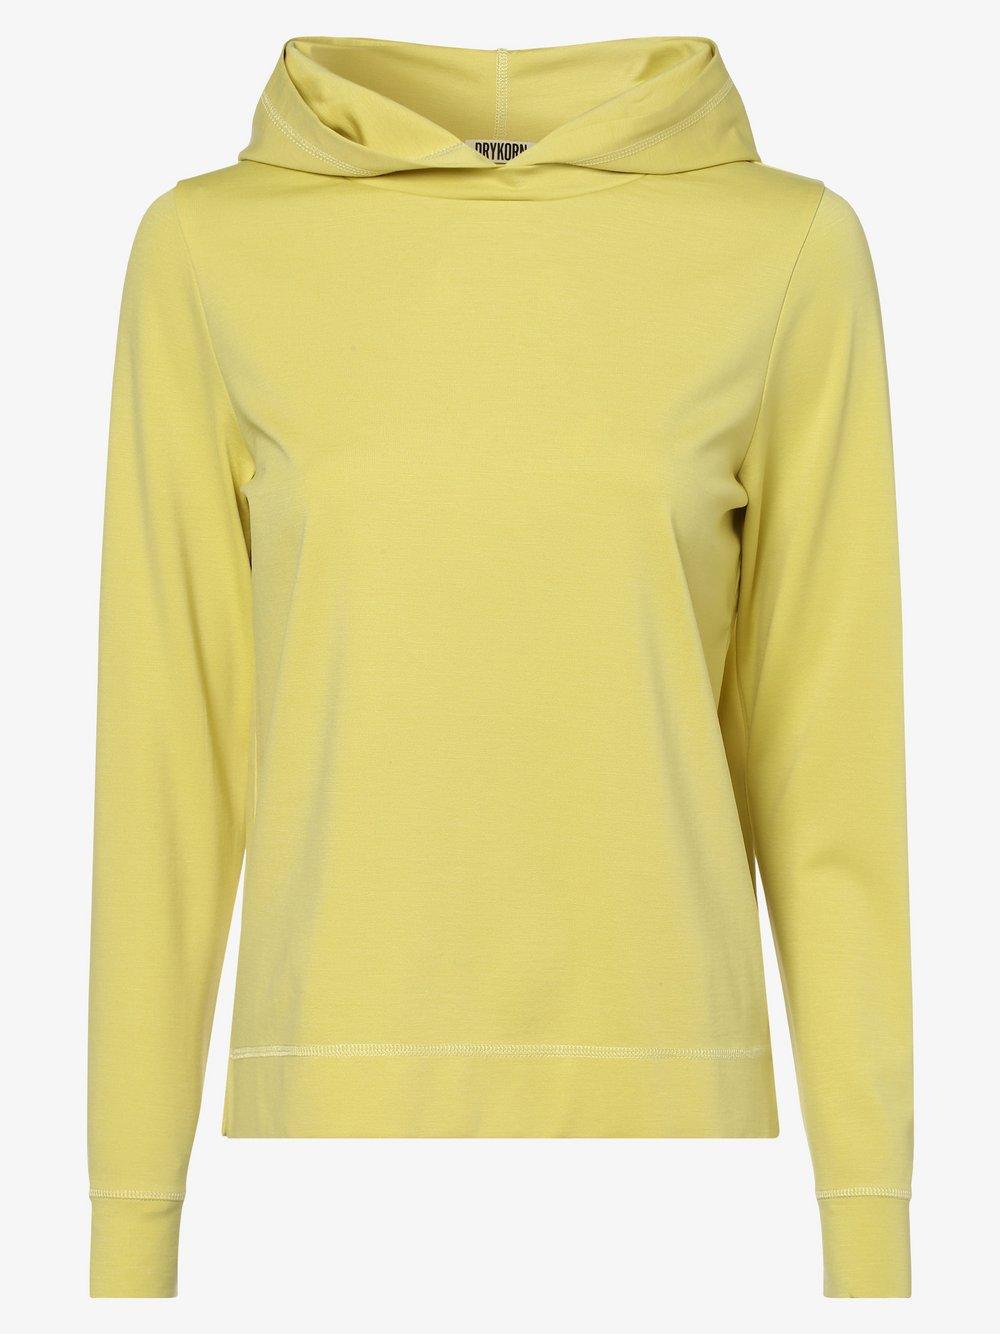 Drykorn - Damska bluza nierozpinana – Papilia, żółty